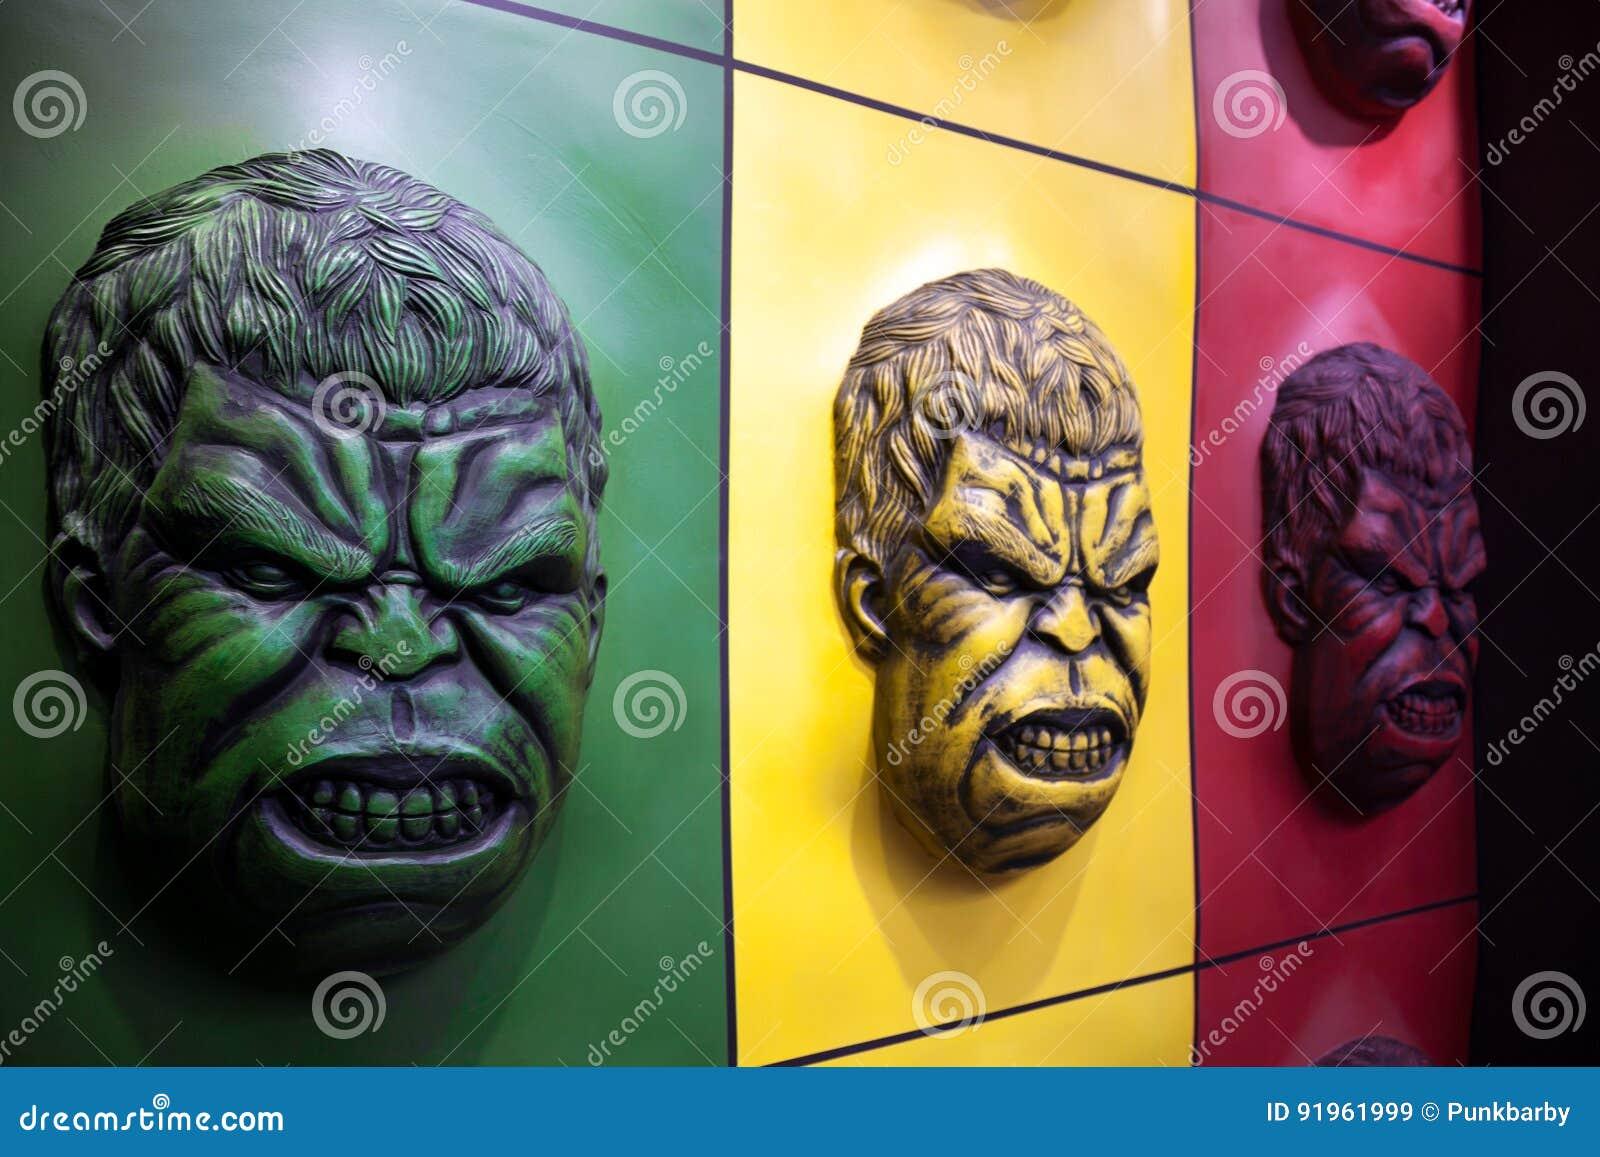 Hulk ζωηρόχρωμη διακόσμηση τοίχων προσώπου σε ένα λούνα παρκ